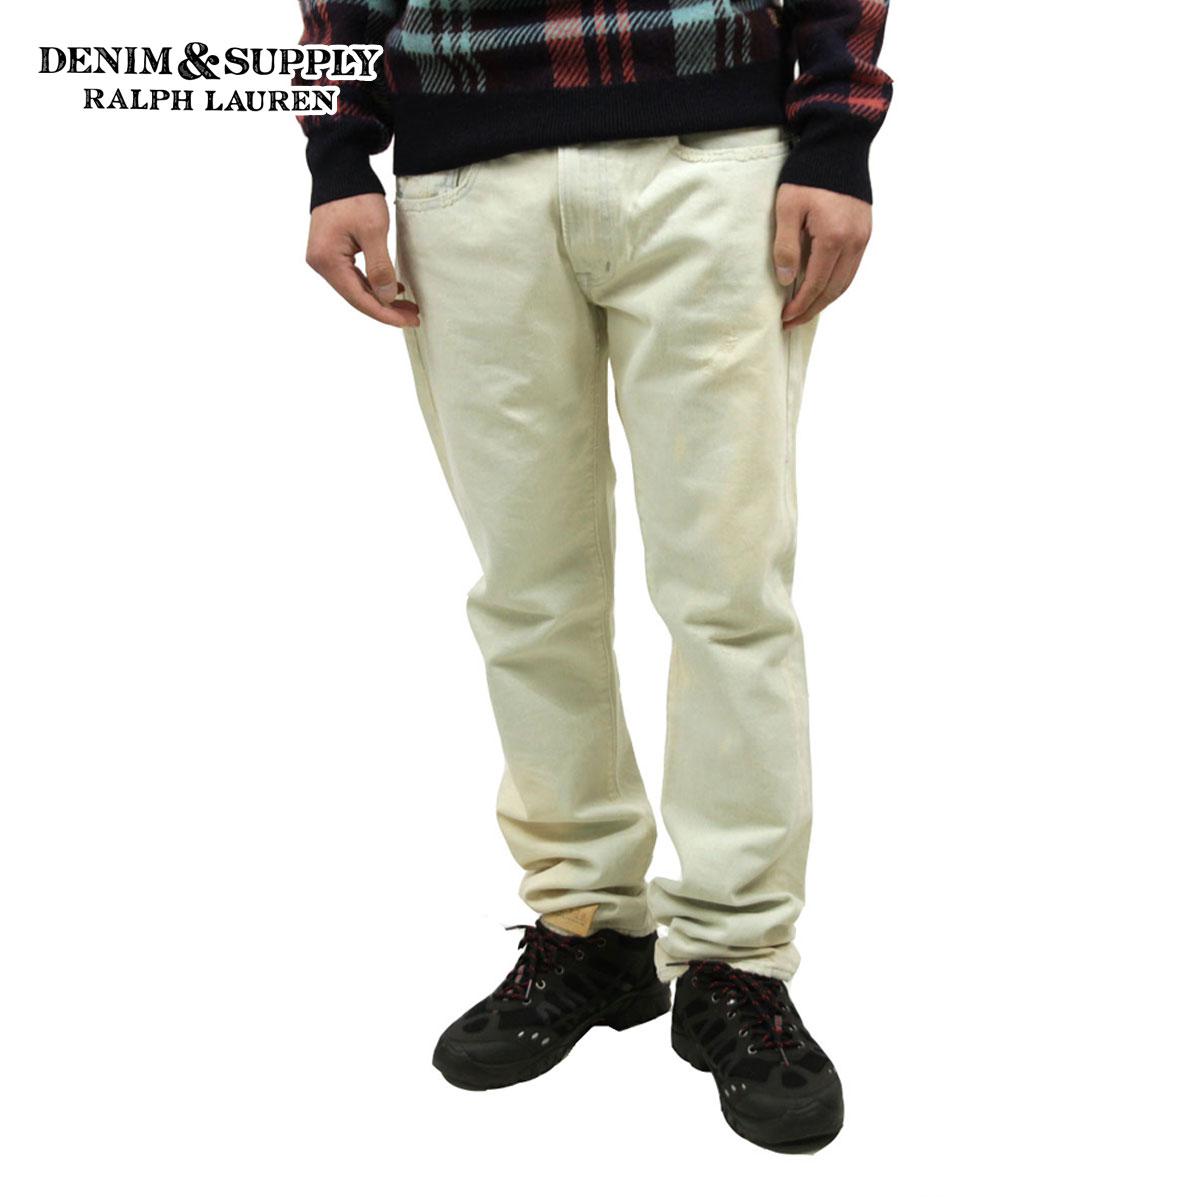 【販売期間 11/12 10:00~11/21 09:59】 デニムアンドサプライ ポロ ラルフローレン DENIM&SUPPLY RALPH LAUREN 正規品 メンズ ジーンズ Slim-Fit Colfax Jean D15S25